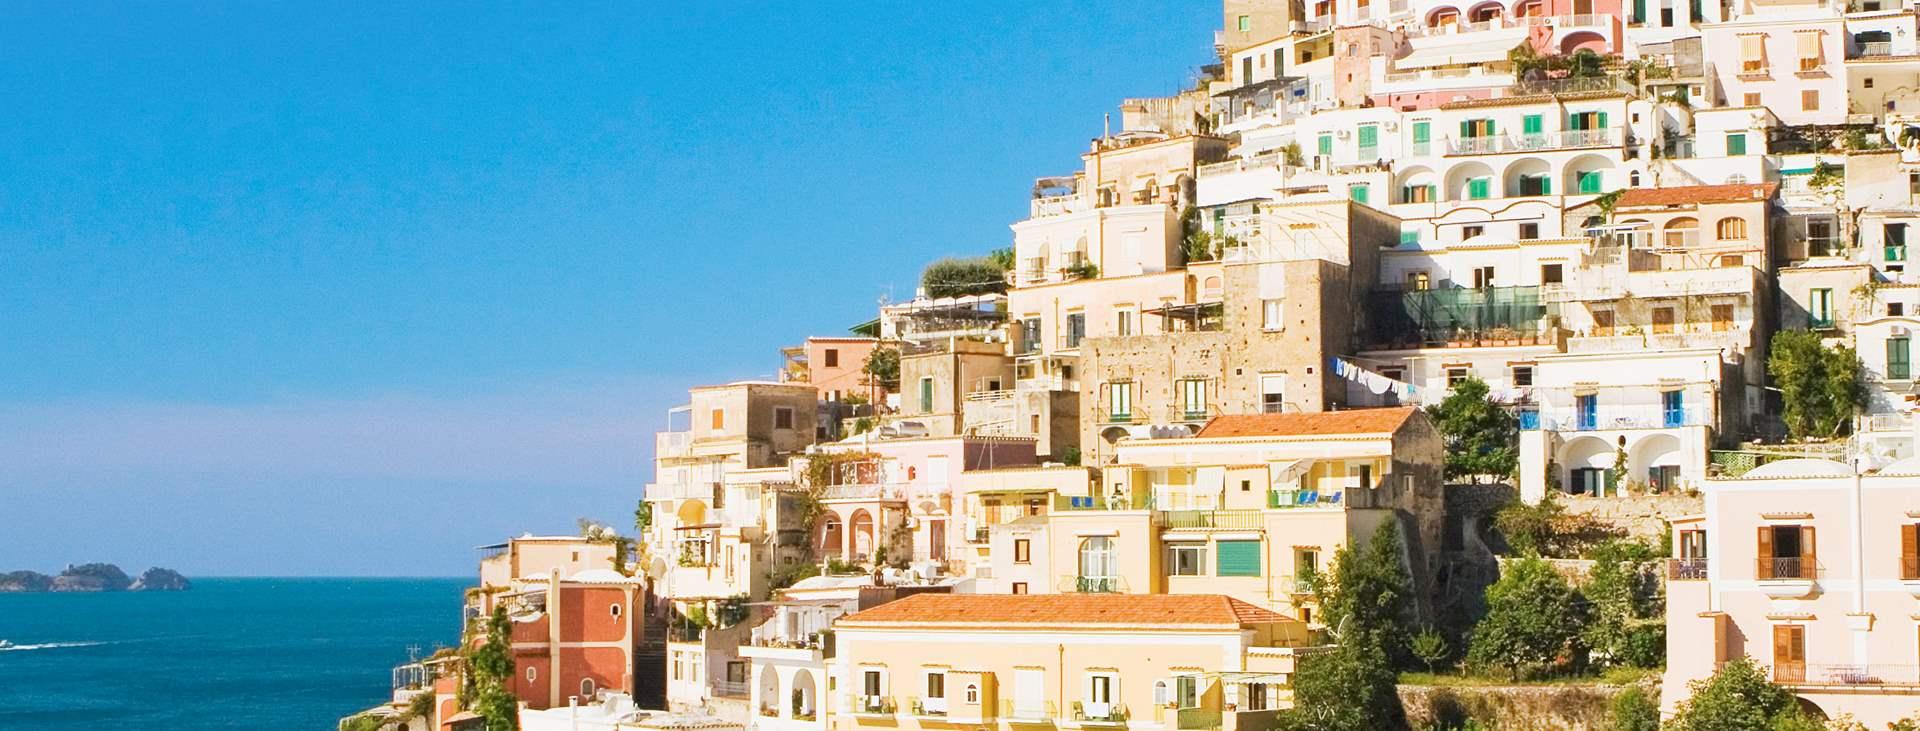 Varaa Tjäreborgin matka Amalfin rannikolle